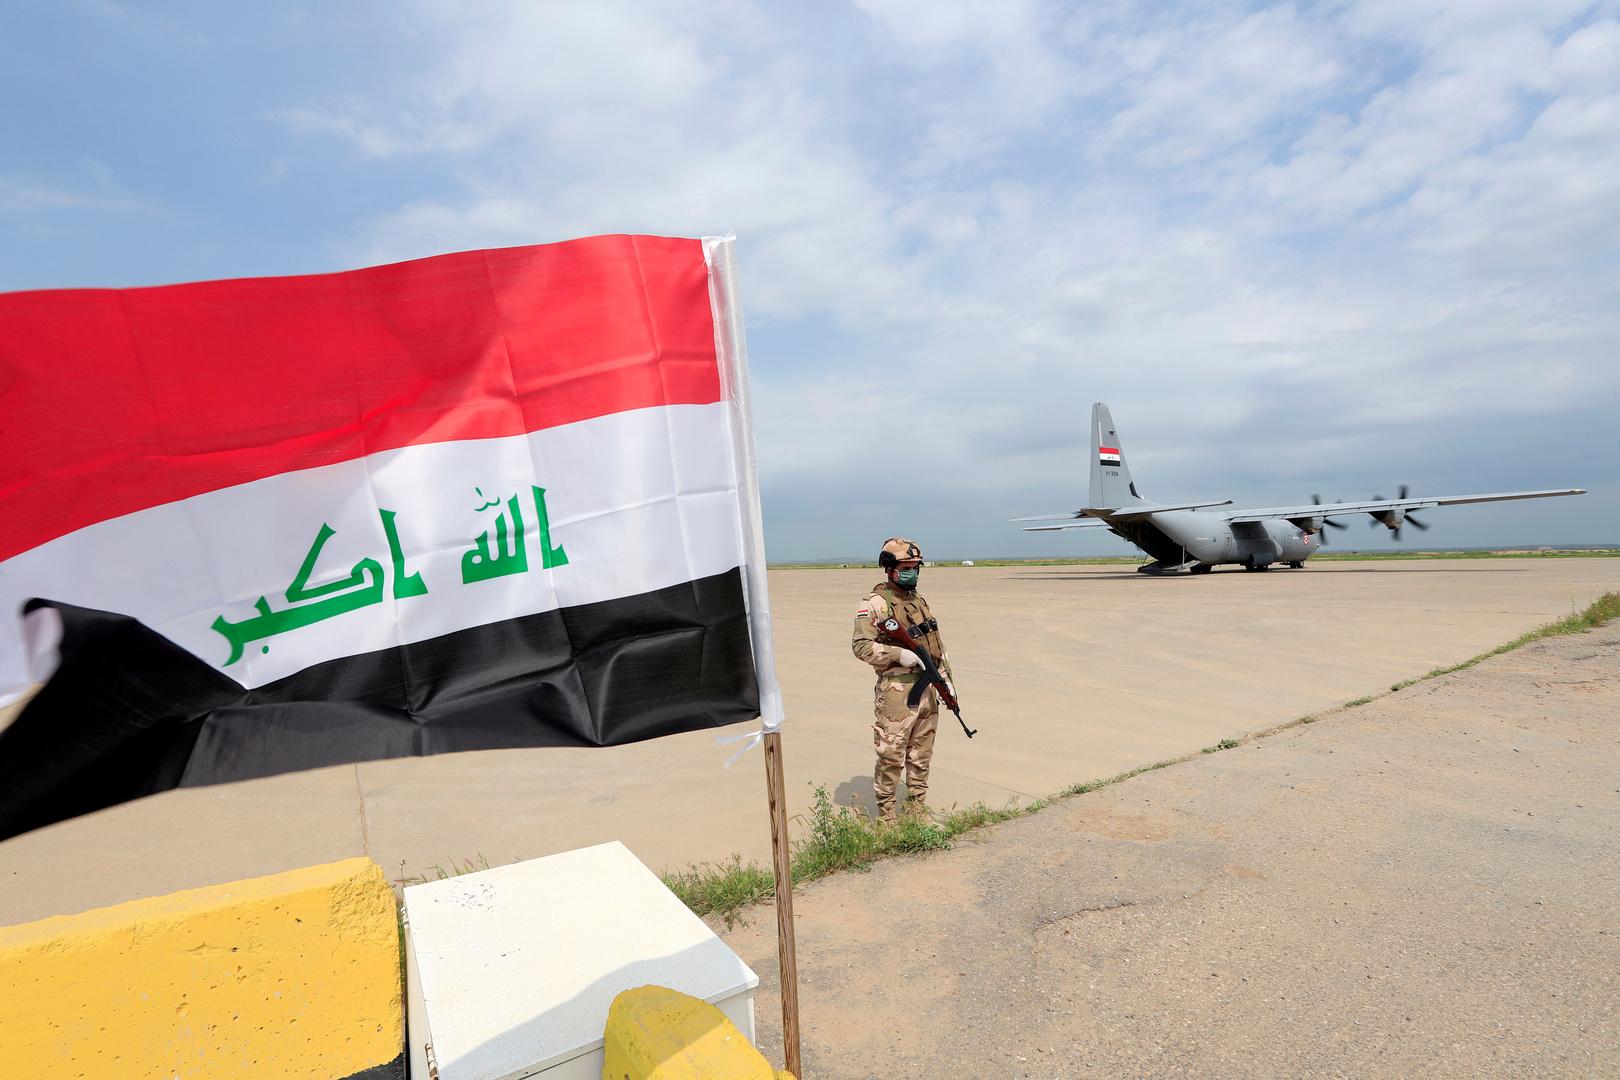 القوات العراقية، أرشيف